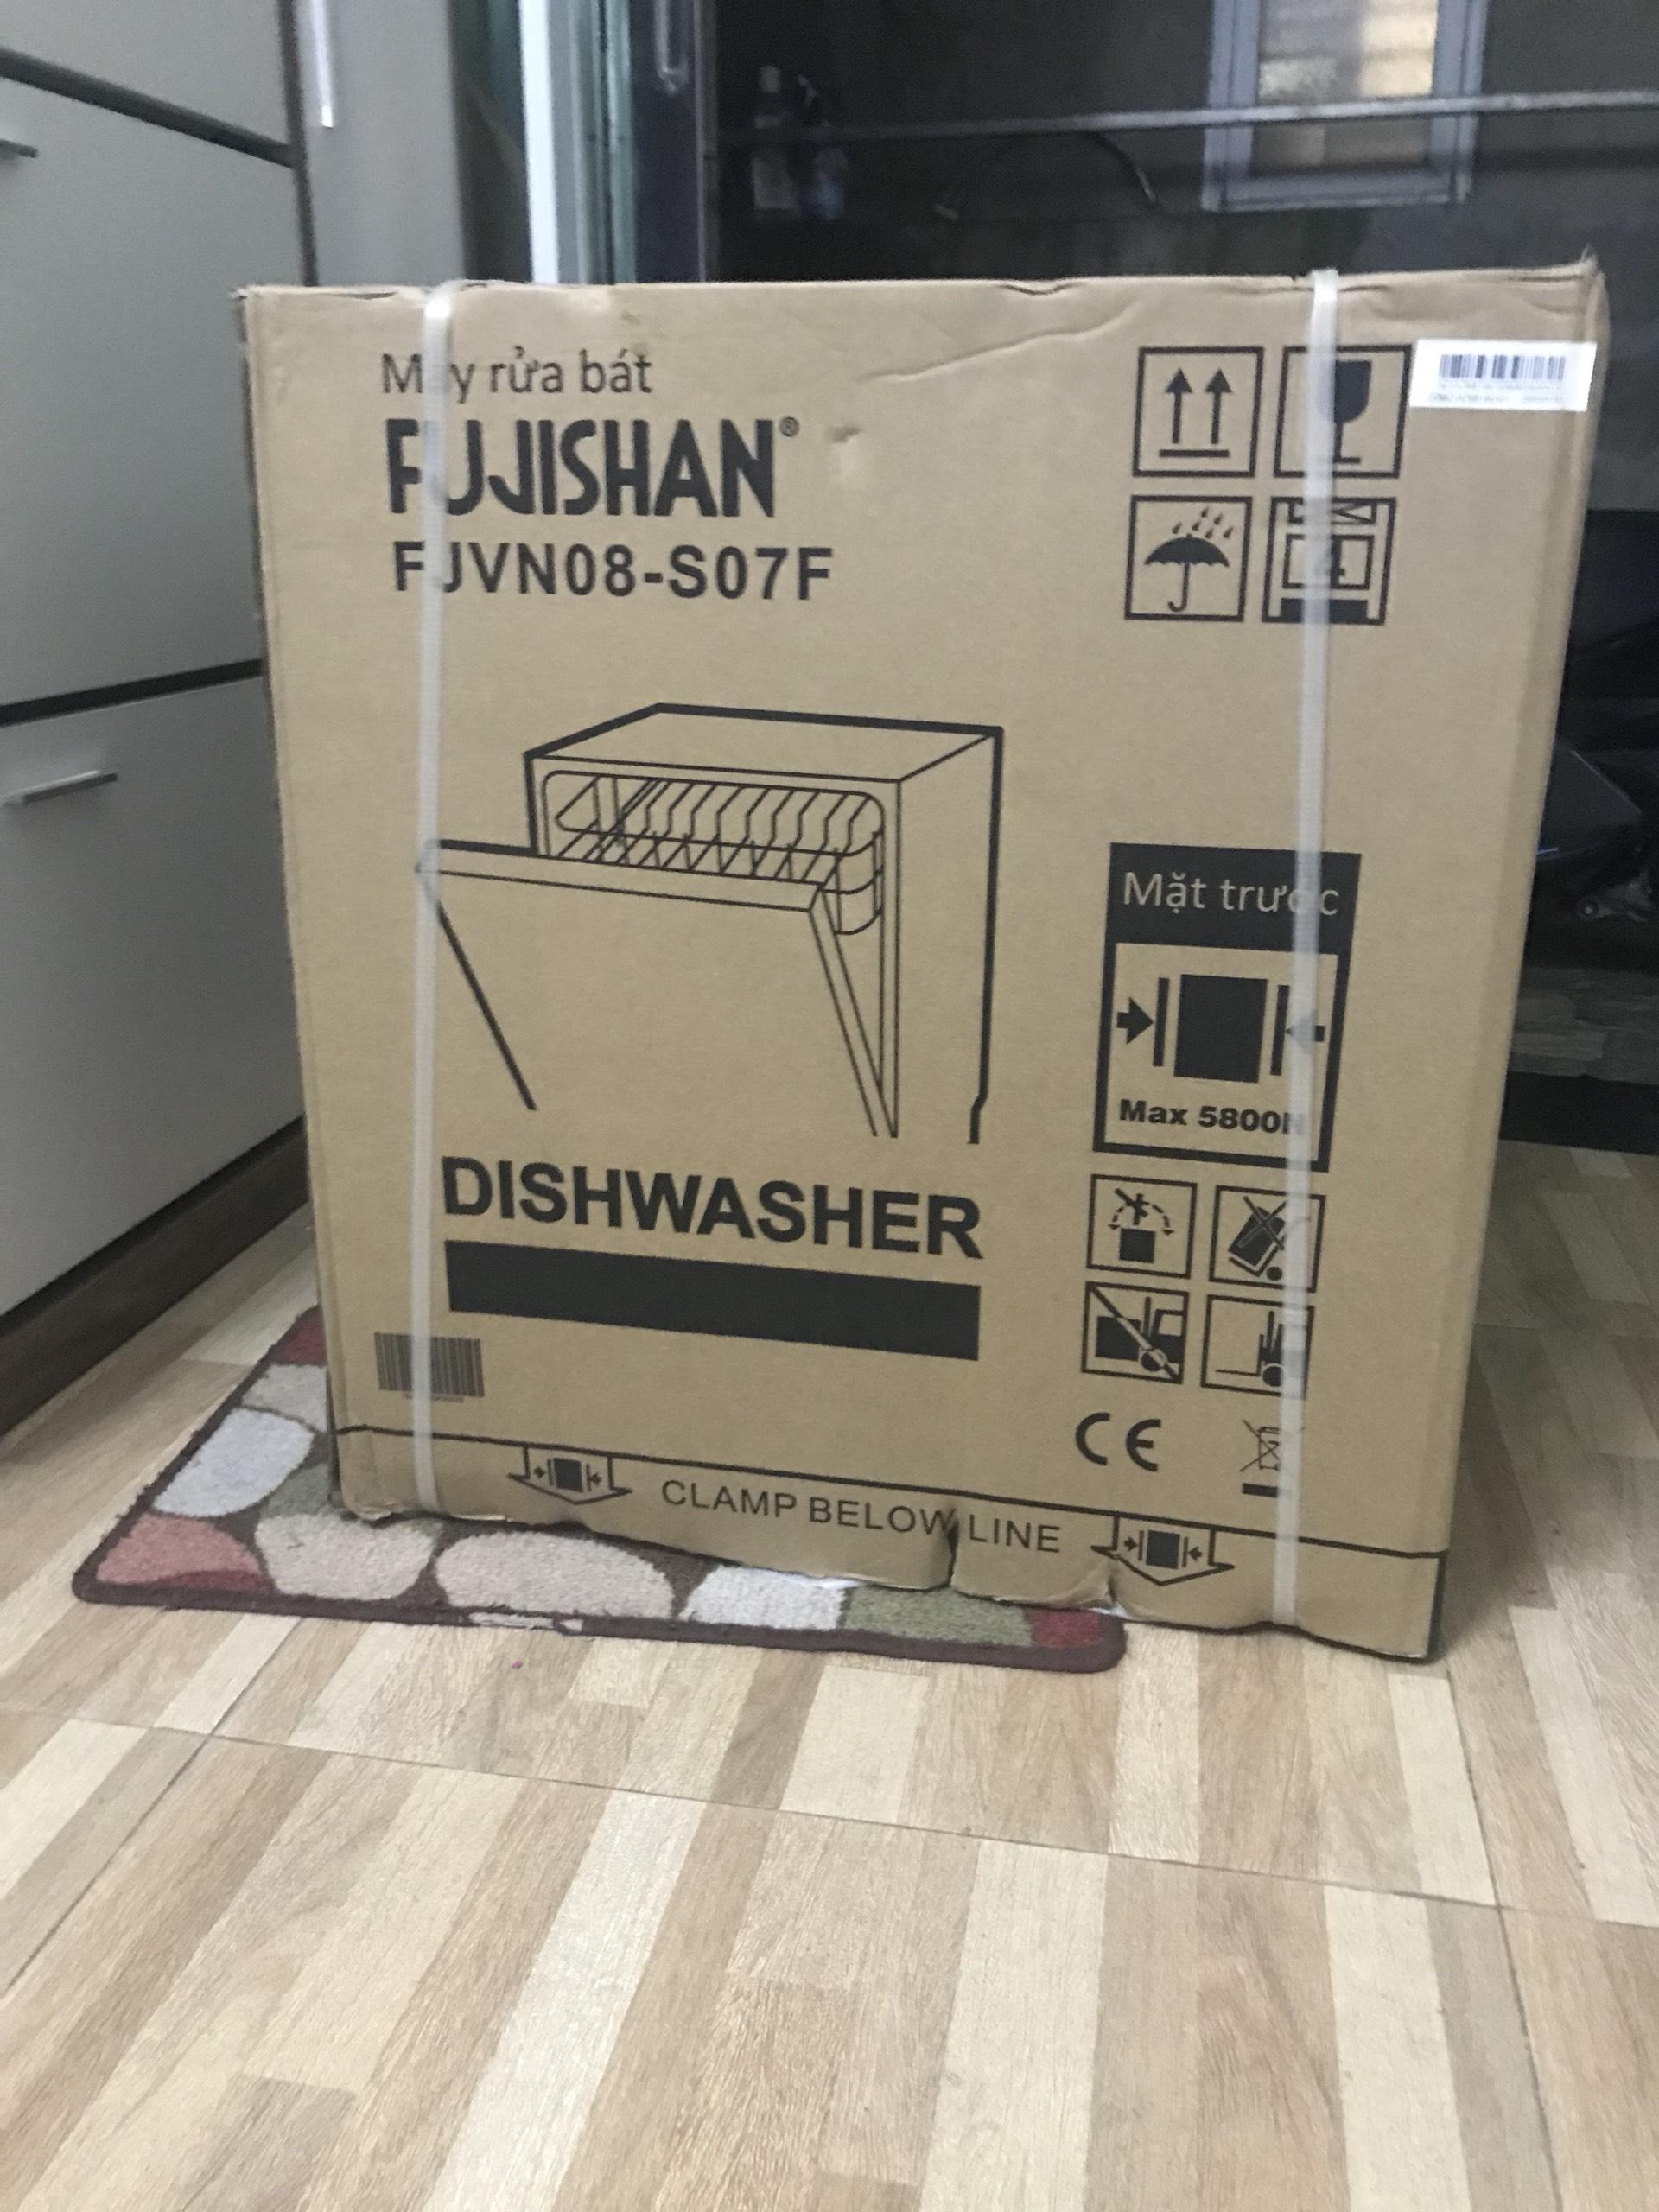 Máy rửa bát Fujishan FJVN08-S07F (8 Bộ) - Hàng Chính Hãng